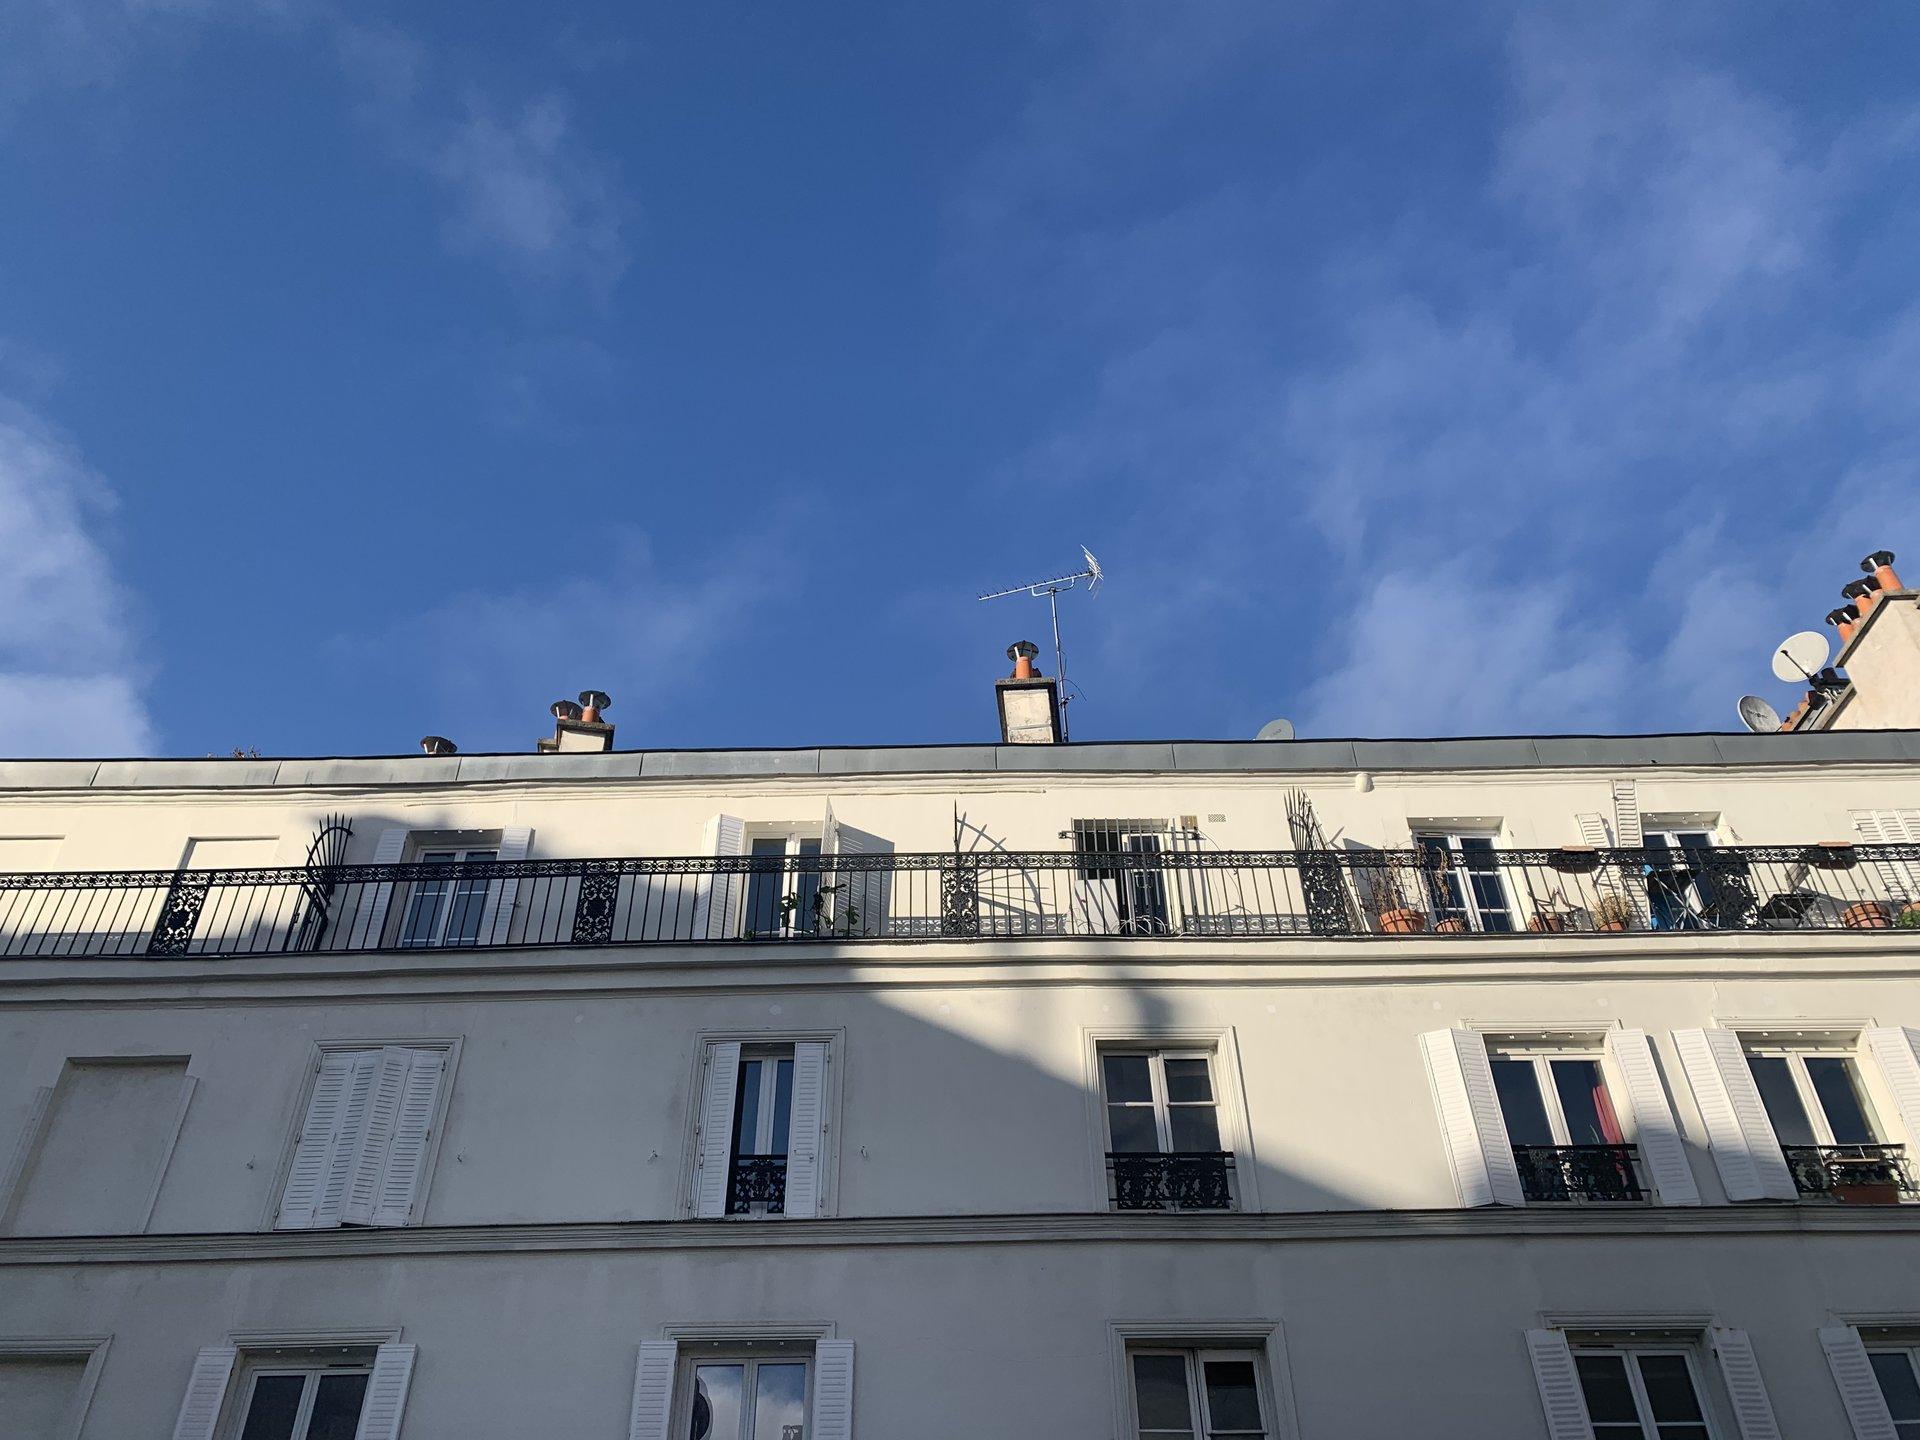 Paris - XVIII ème - GOUTTE D'OR - M° Château Rouge / Barbès Rochechouart - 2 PIÈCES MEUBLÉ - TRAVERSANT - PIERRES ET POUTRES APPARENTES - REFAIT À NEUF PAR ARCHITECTE.